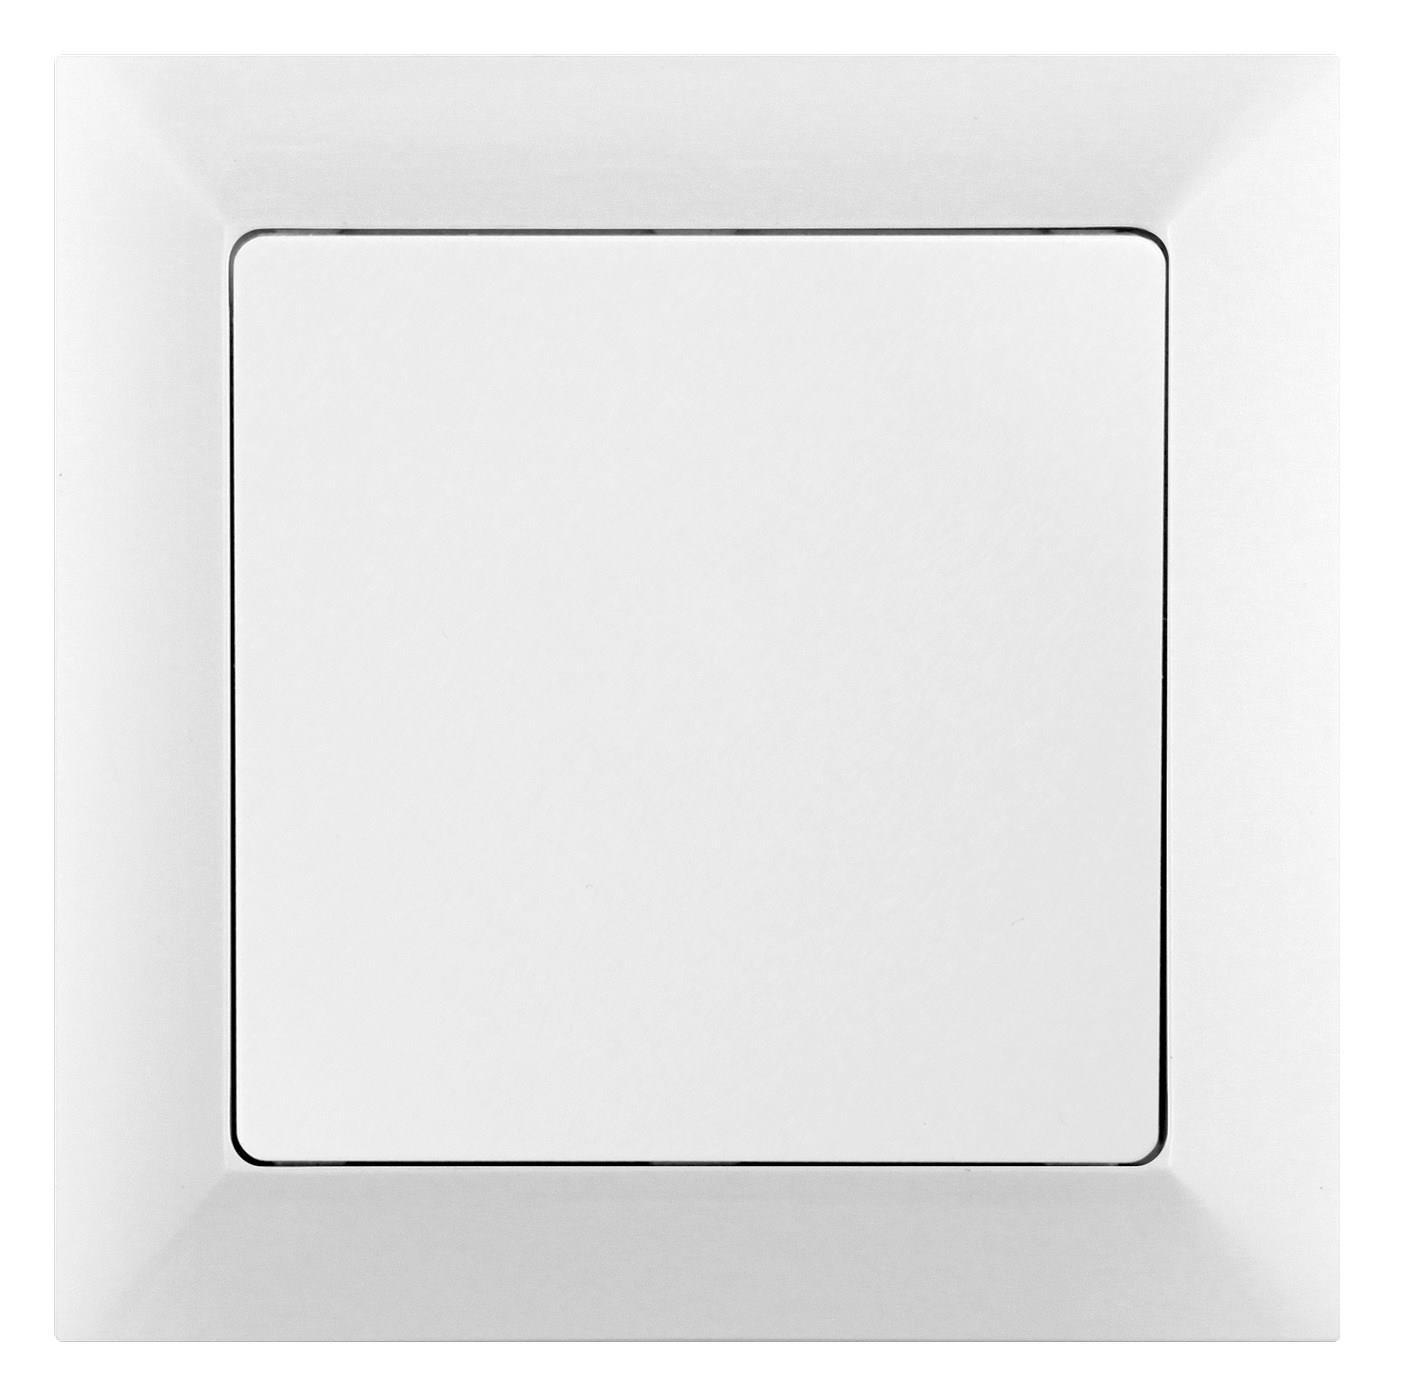 Vypínač PREMIUM VP-6/S - řazení 6, střídavý/schodišťový, podsvícení, bílý - Greenlux (GXKP028)